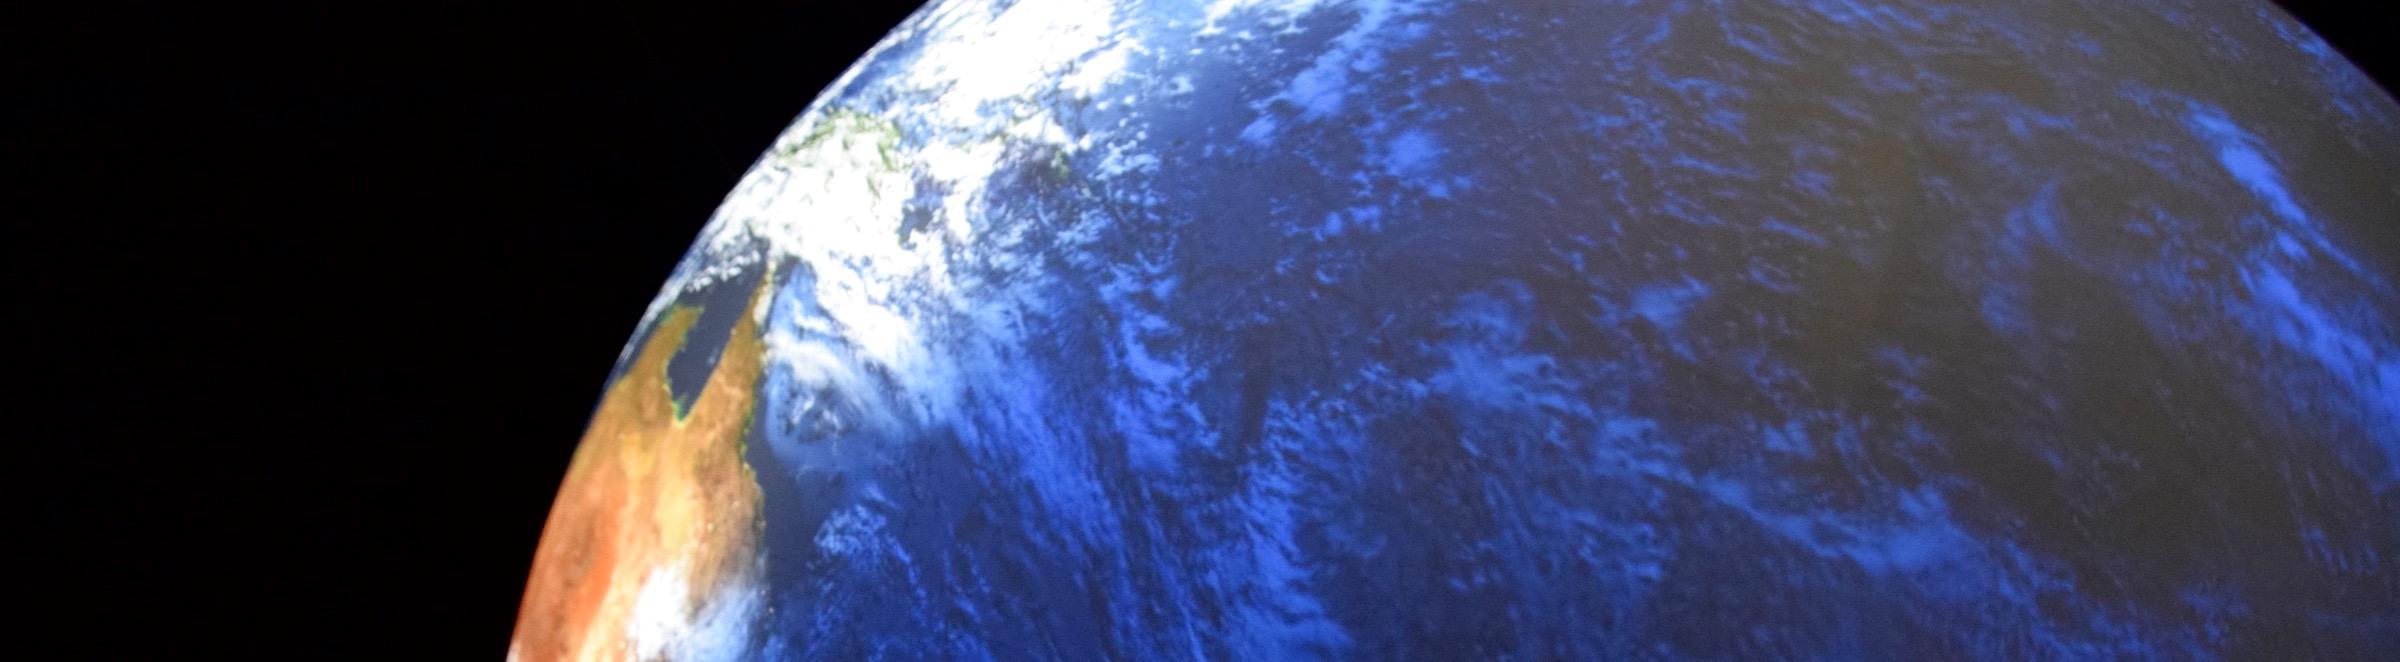 Blick nach oben, zur Erde. ©mhu